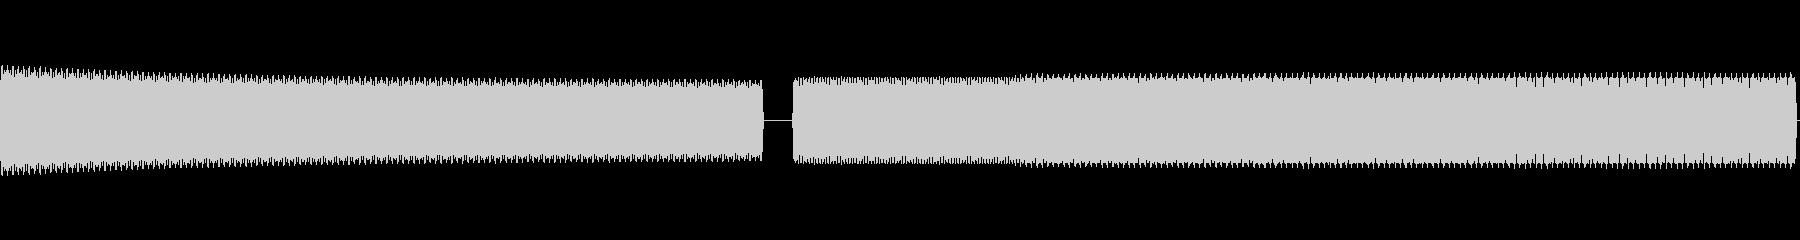 パルス、ハイ、ファースト、ノイズ、...の未再生の波形